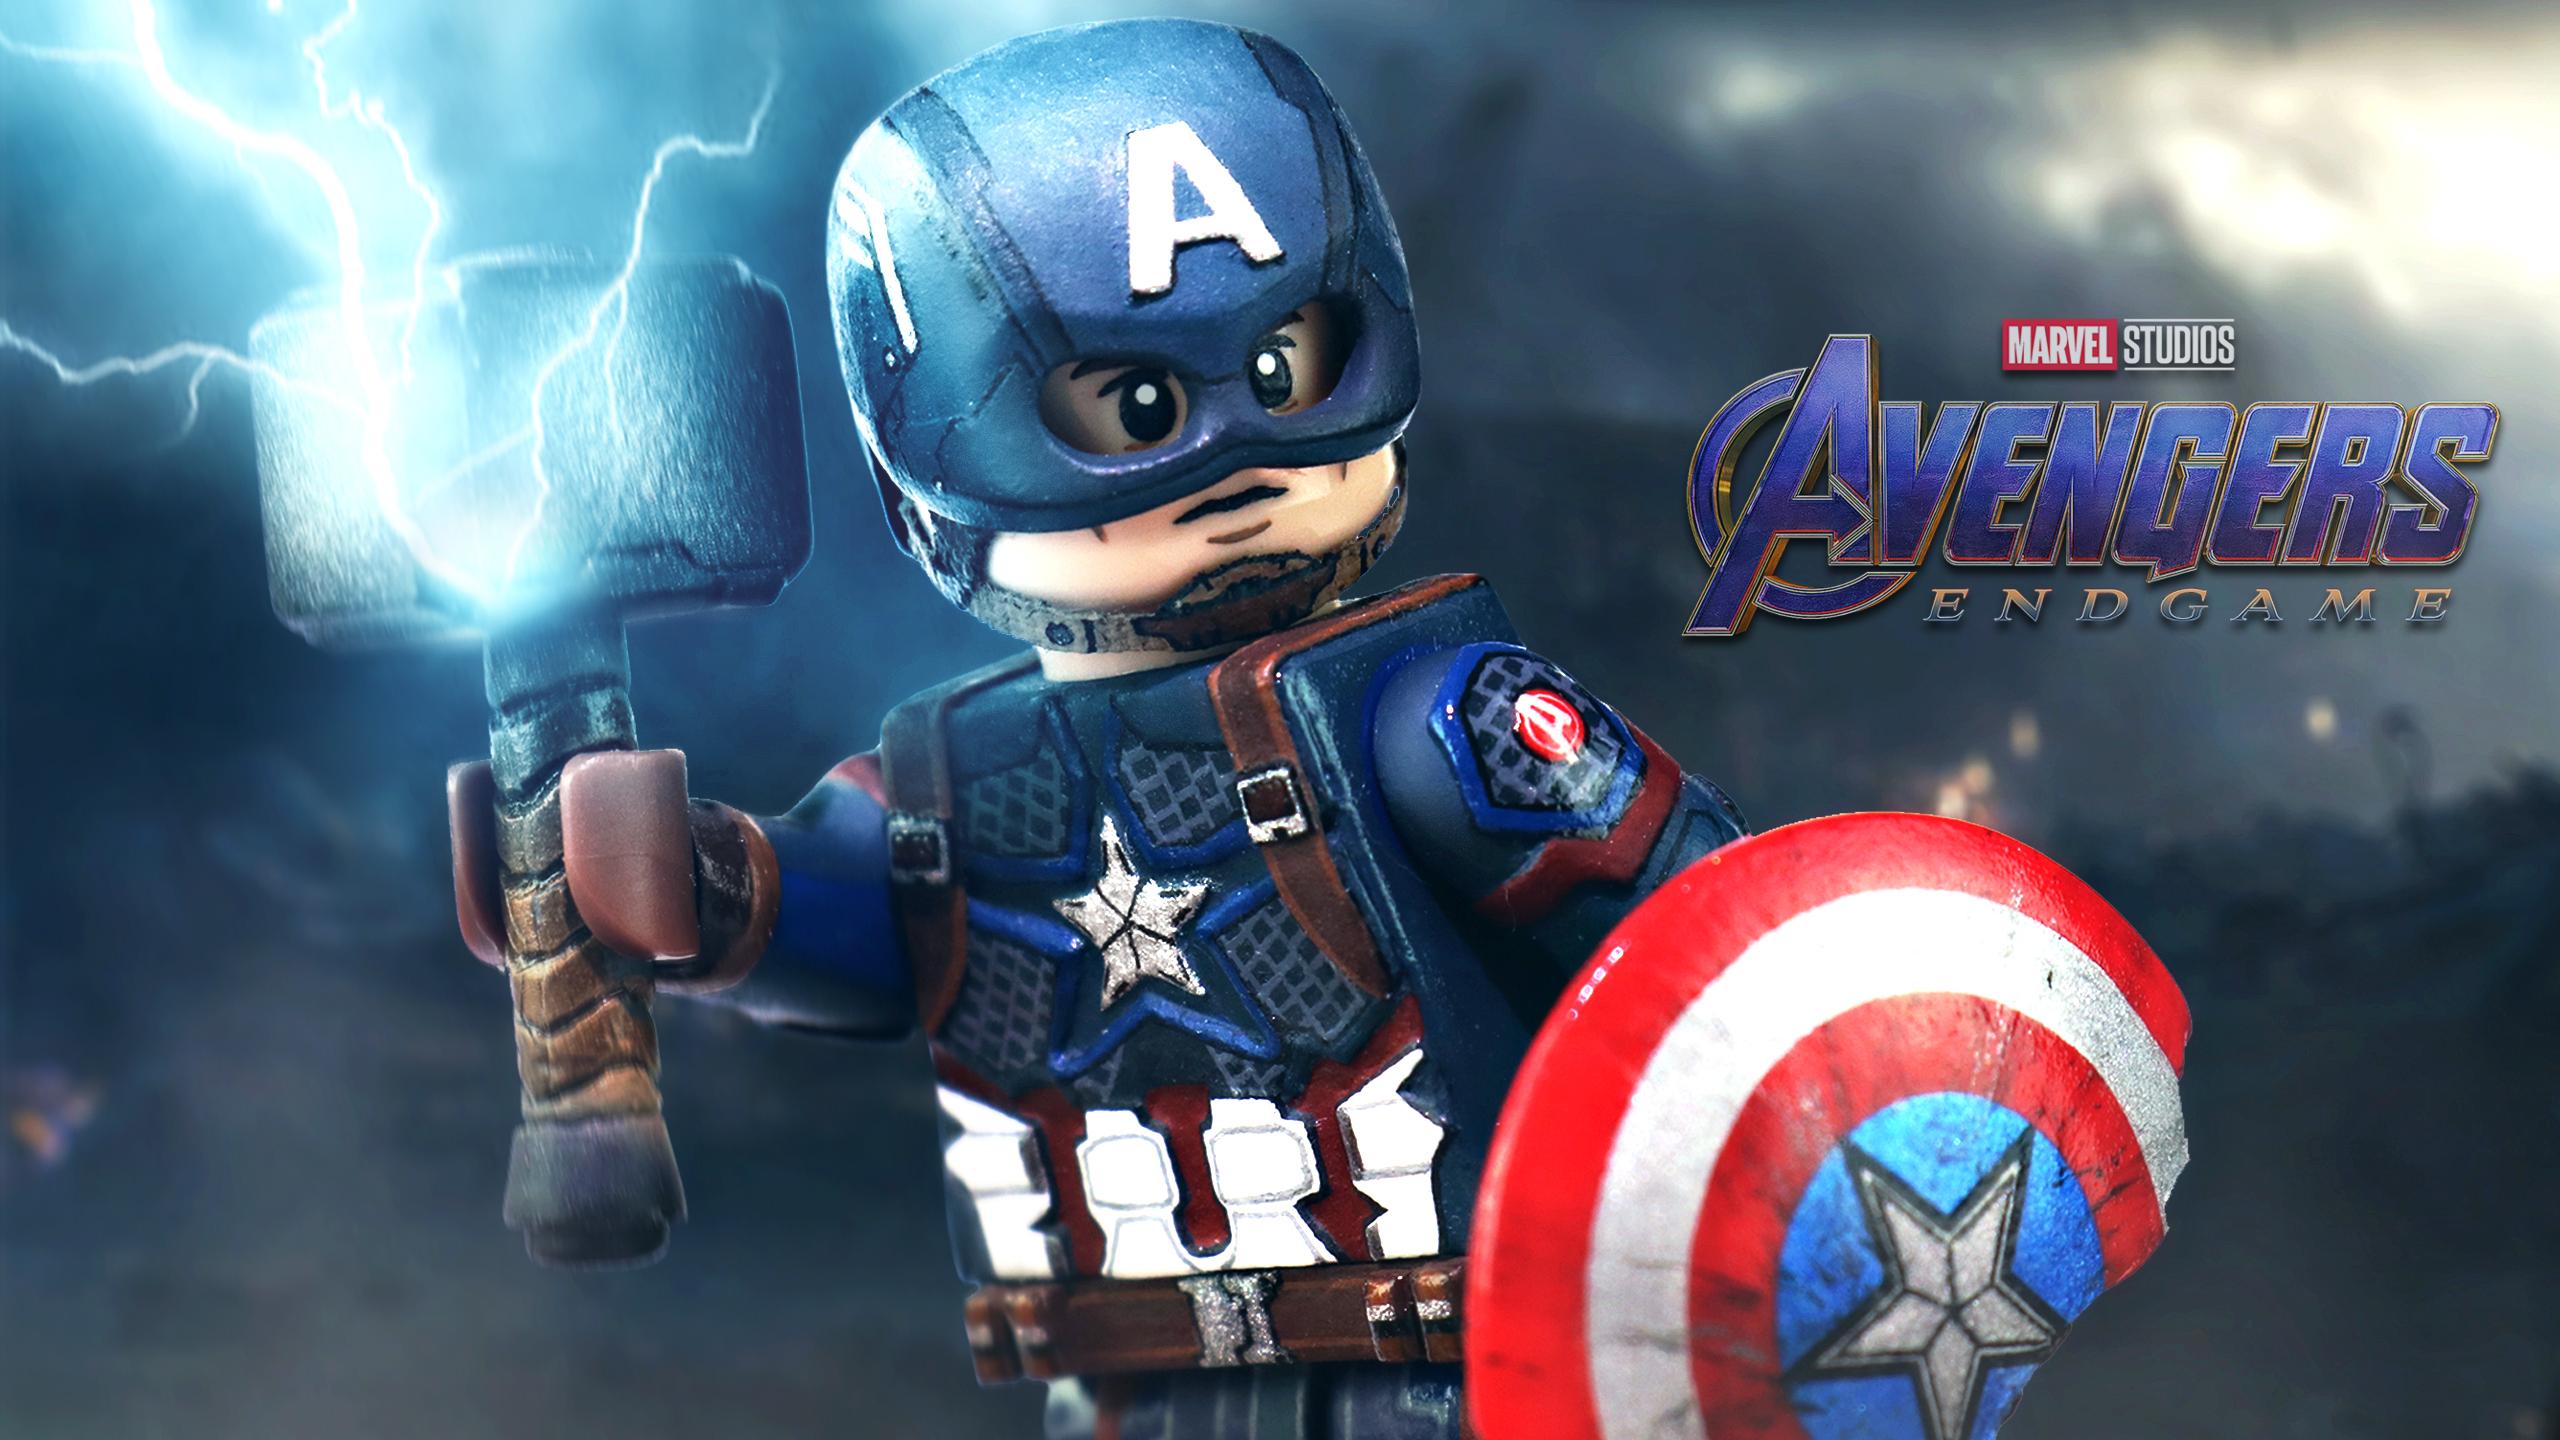 Lego Avengers Endgame Fondo De Pantalla Hd Fondo De